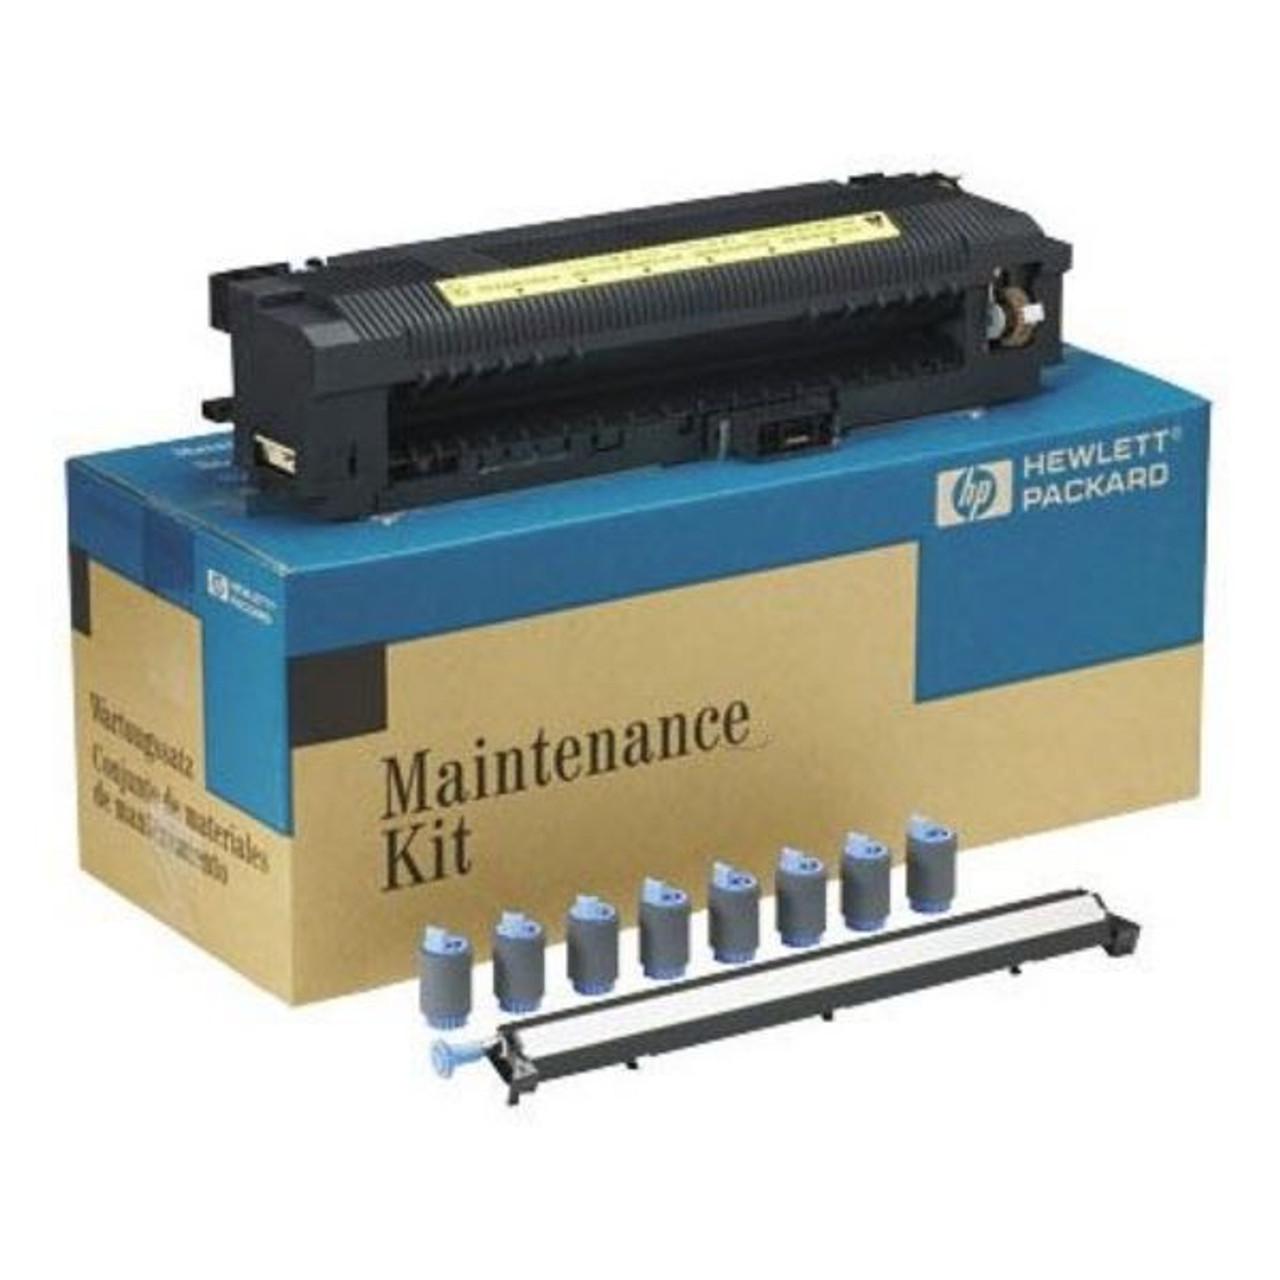 HP 8150 Maintenance Kit